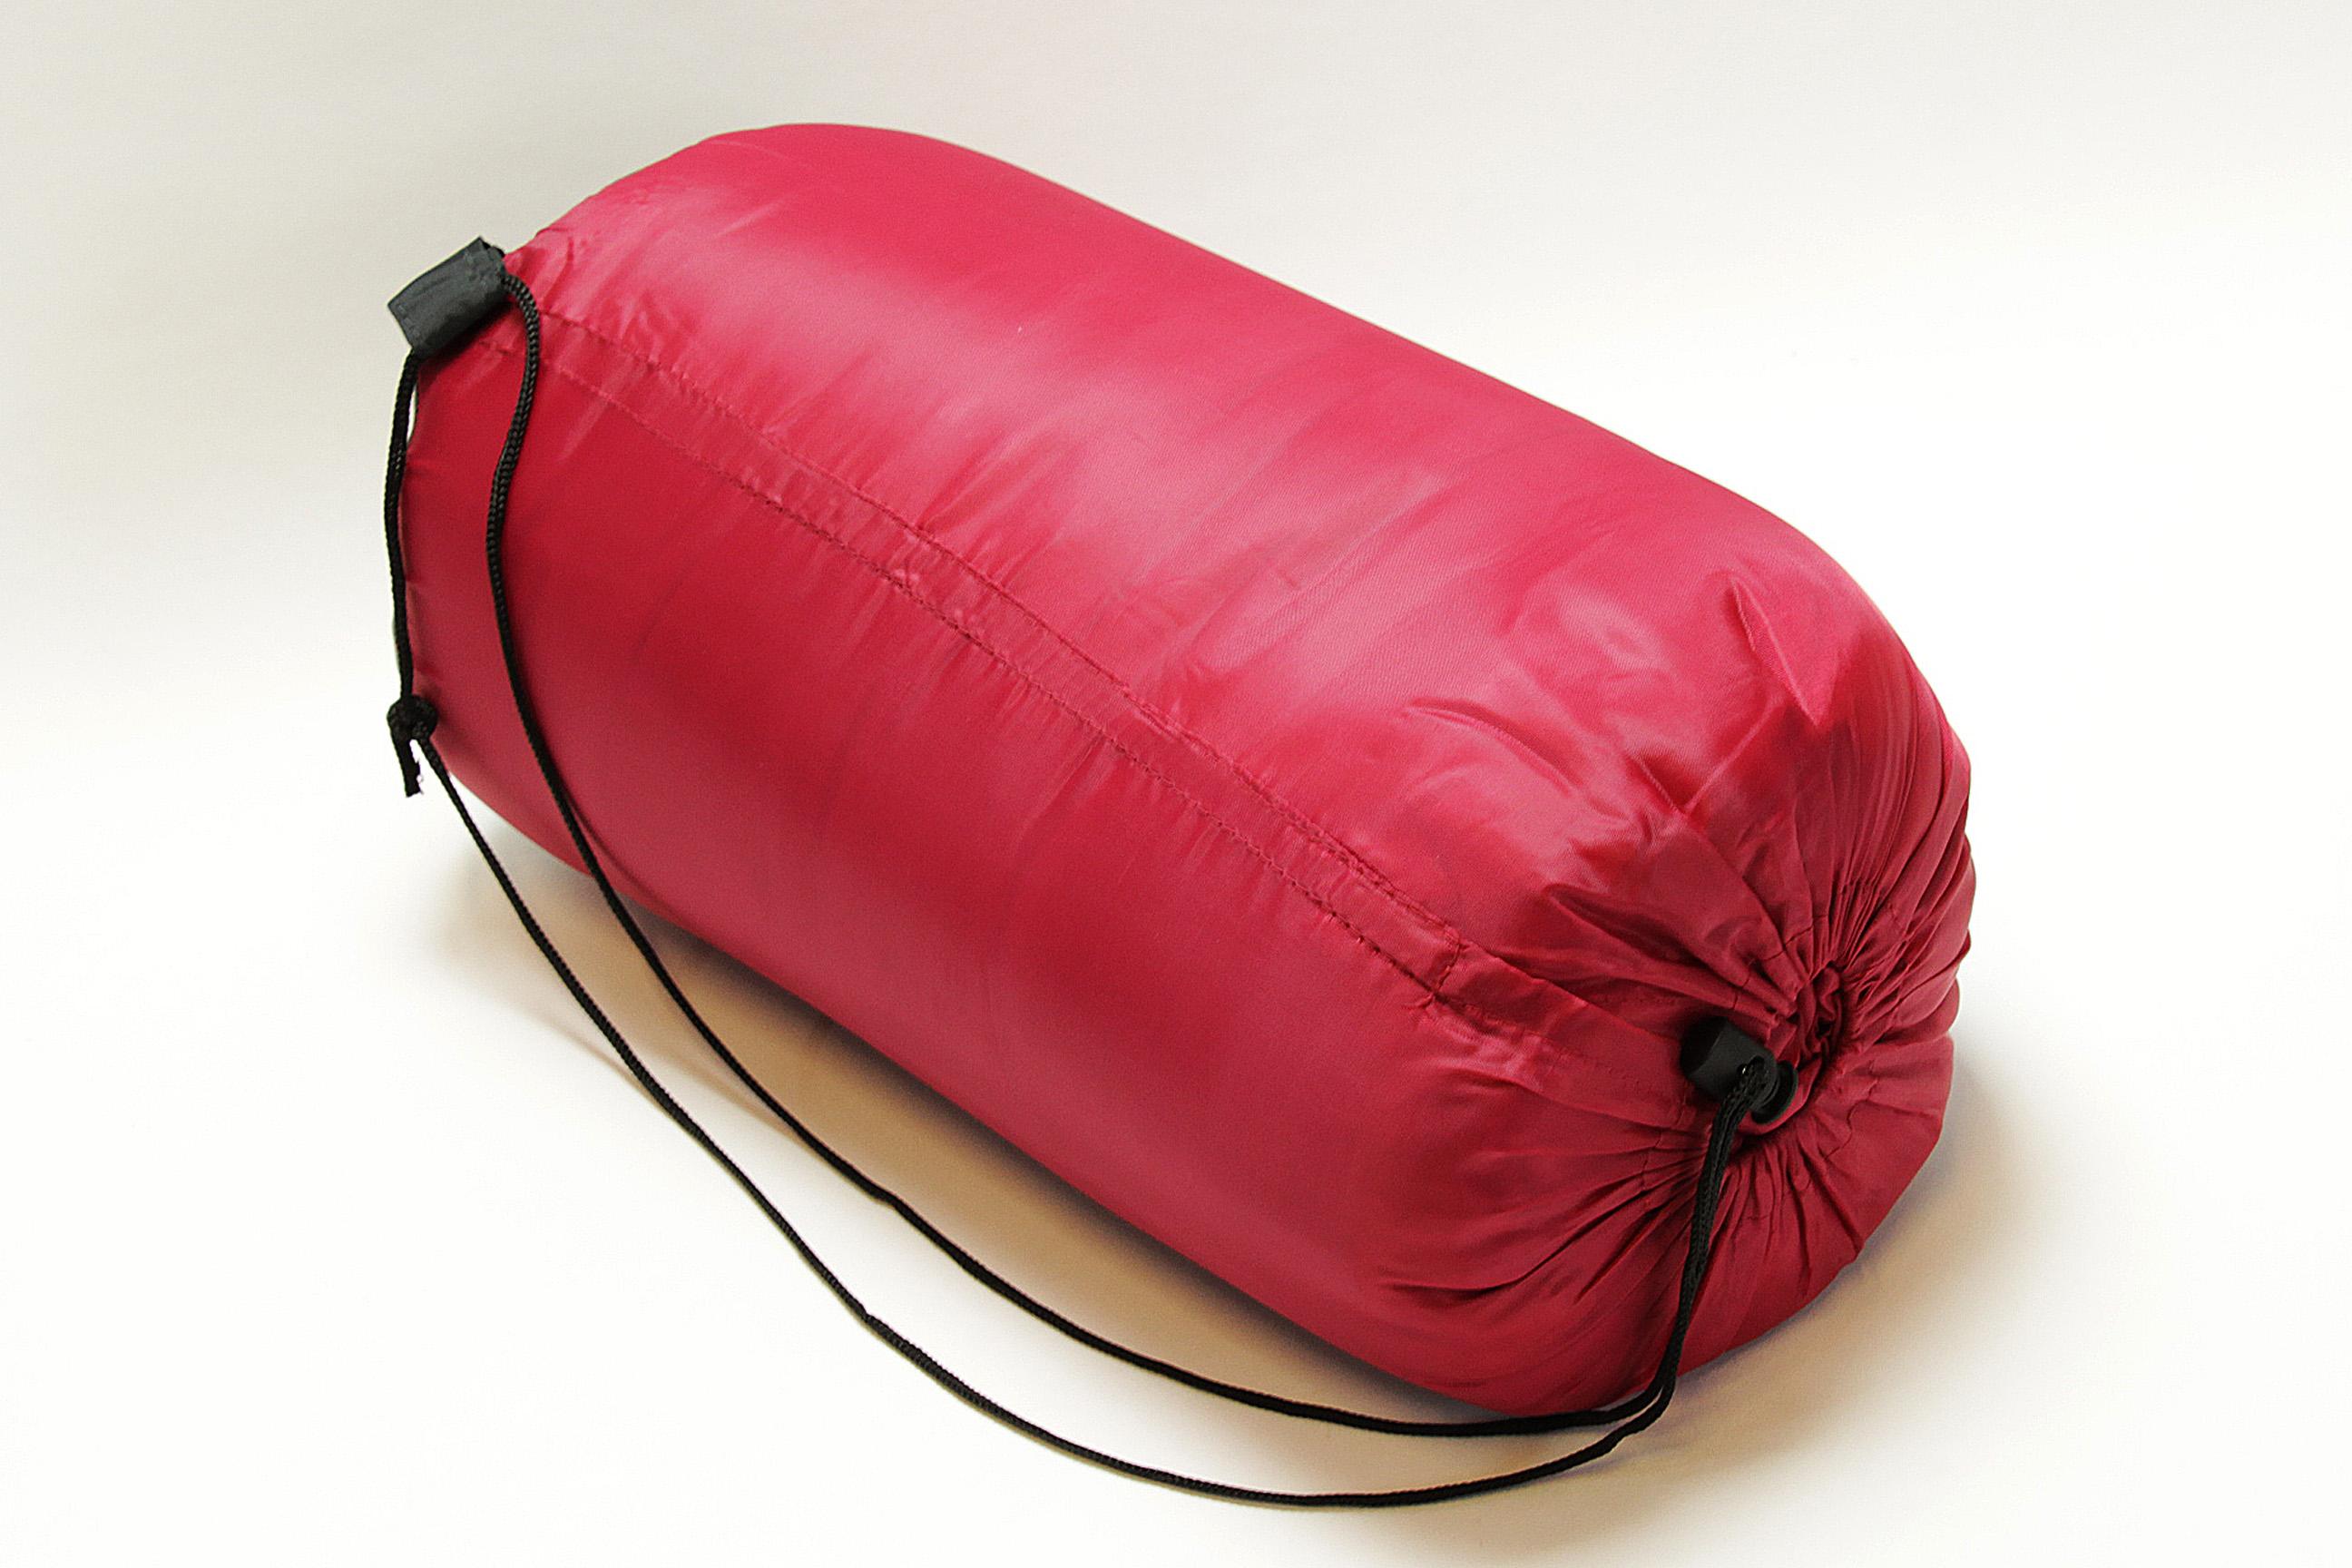 schlafsack deckenschlafsack h ttenschlafsack freizeitschlafsack waschbar ebay. Black Bedroom Furniture Sets. Home Design Ideas